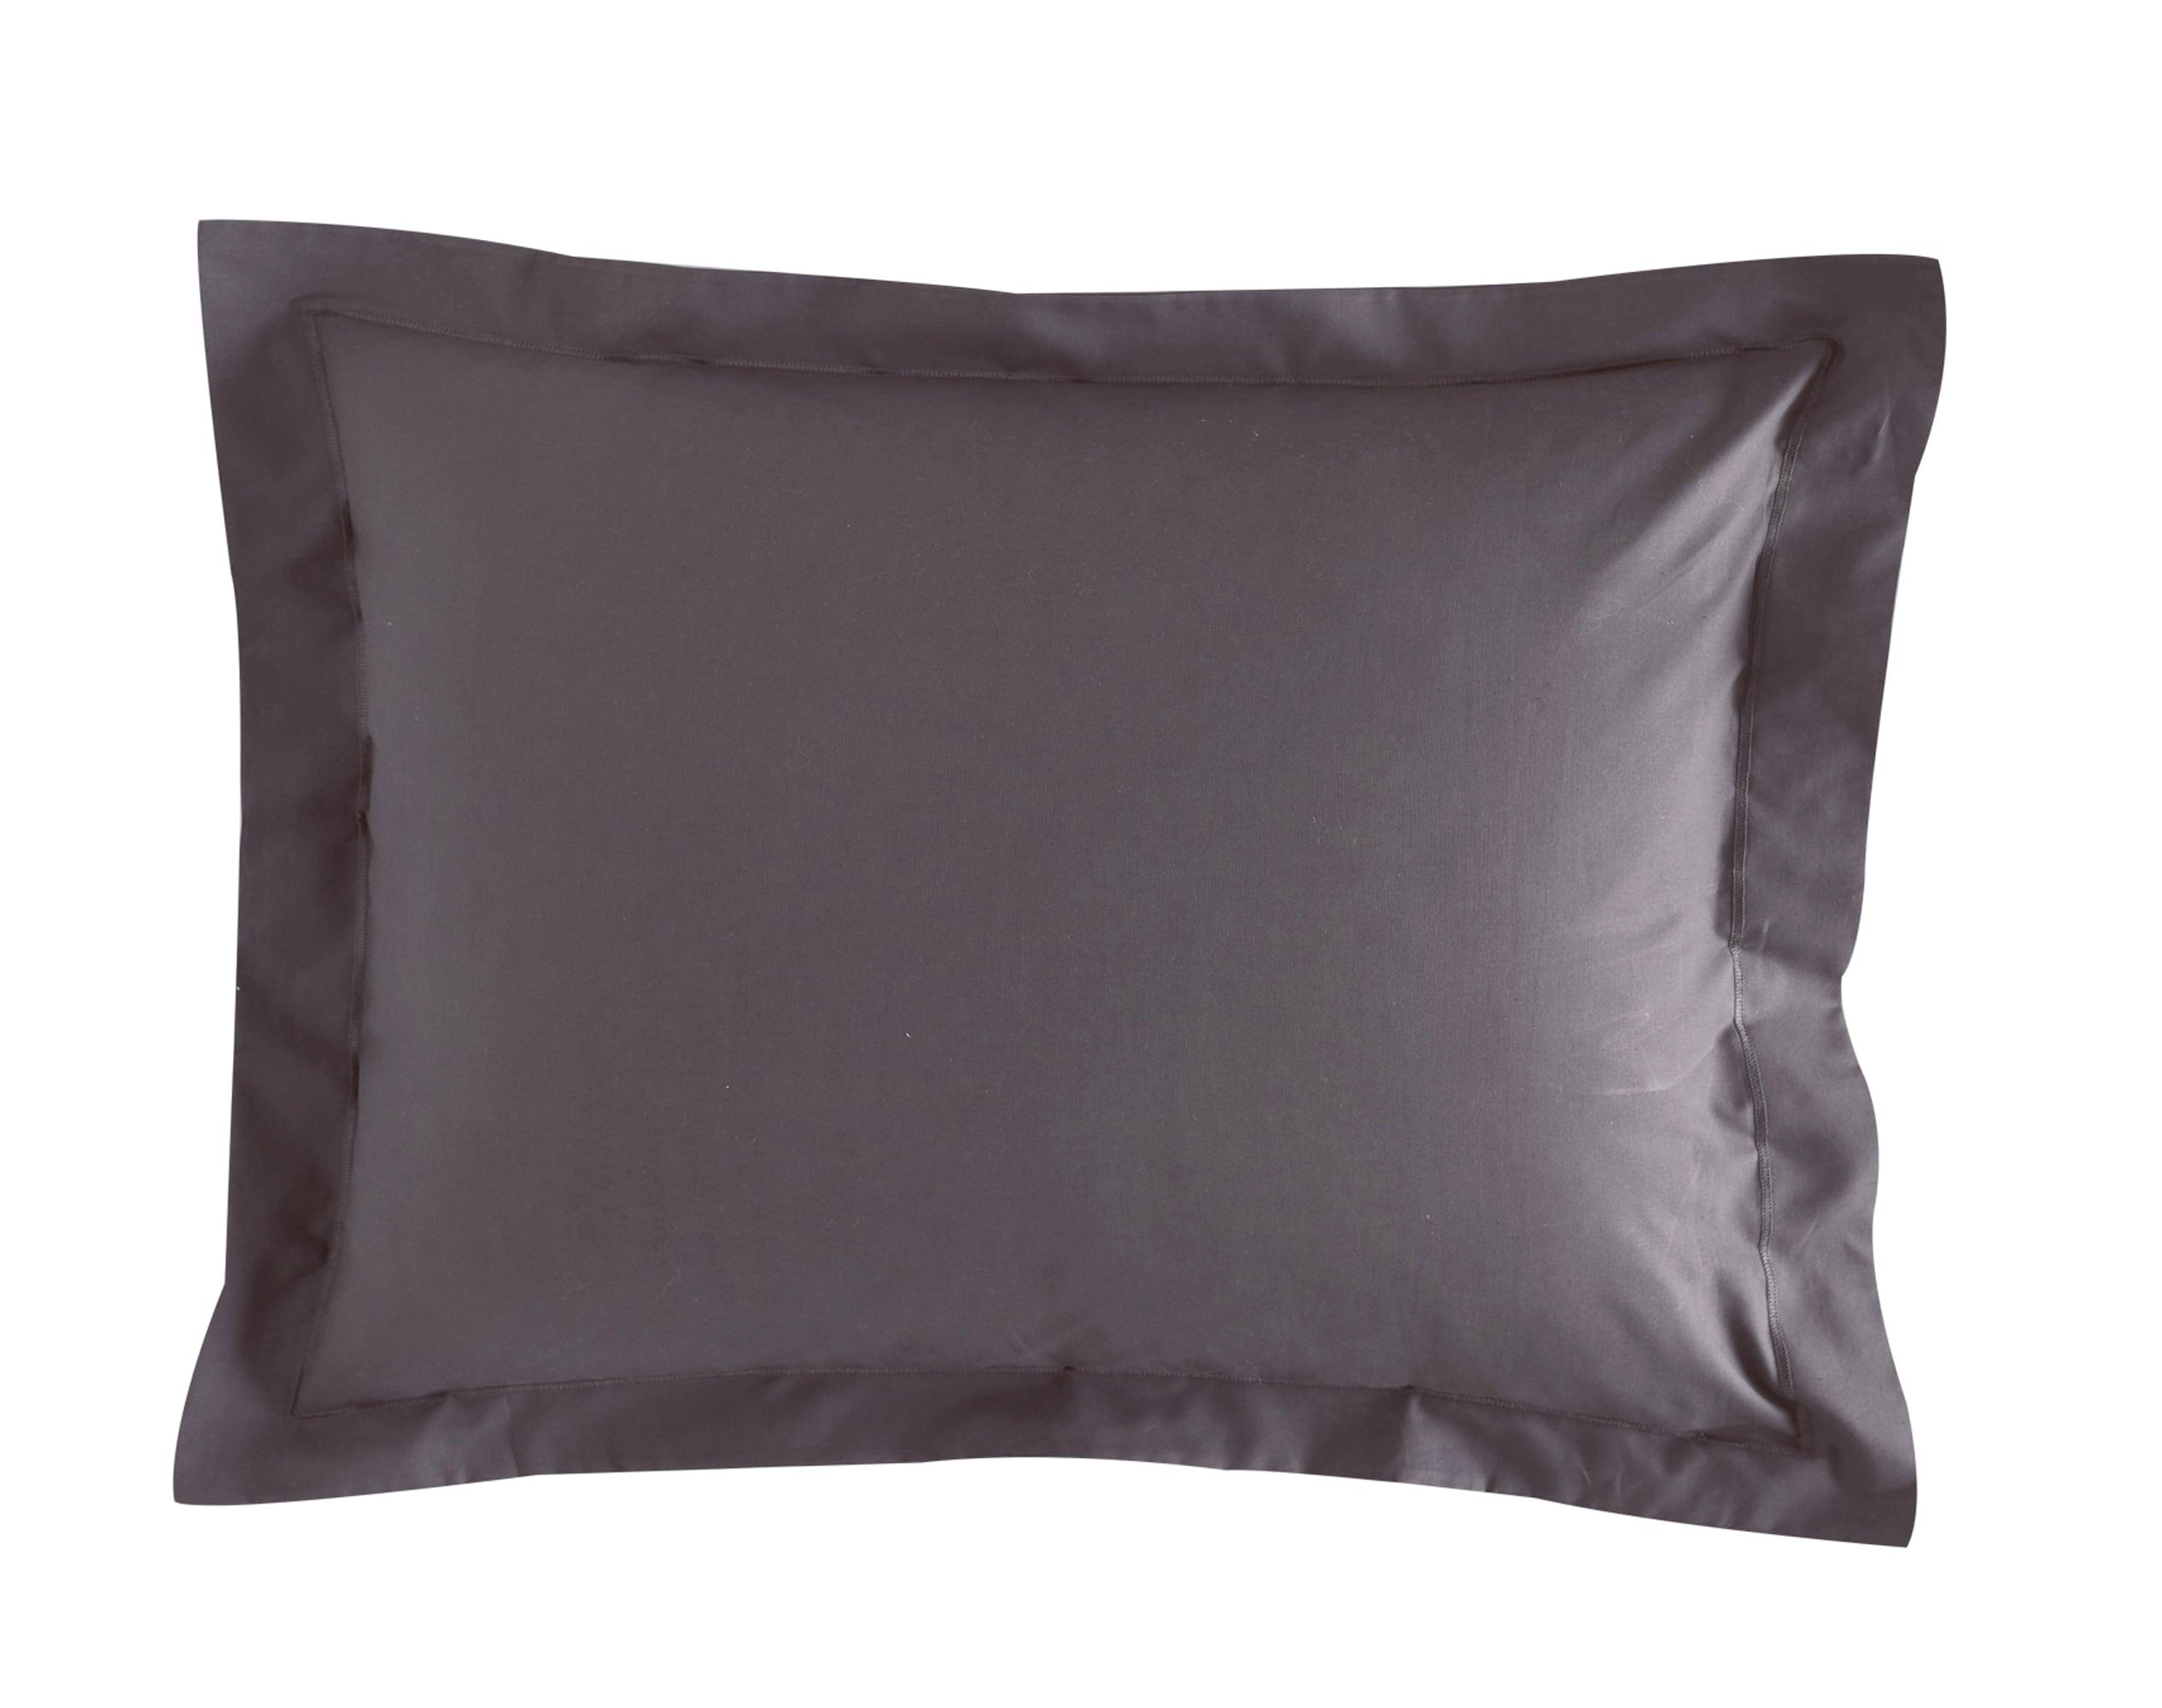 Taie d'oreiller 50x70 en percale de coton  gris souris